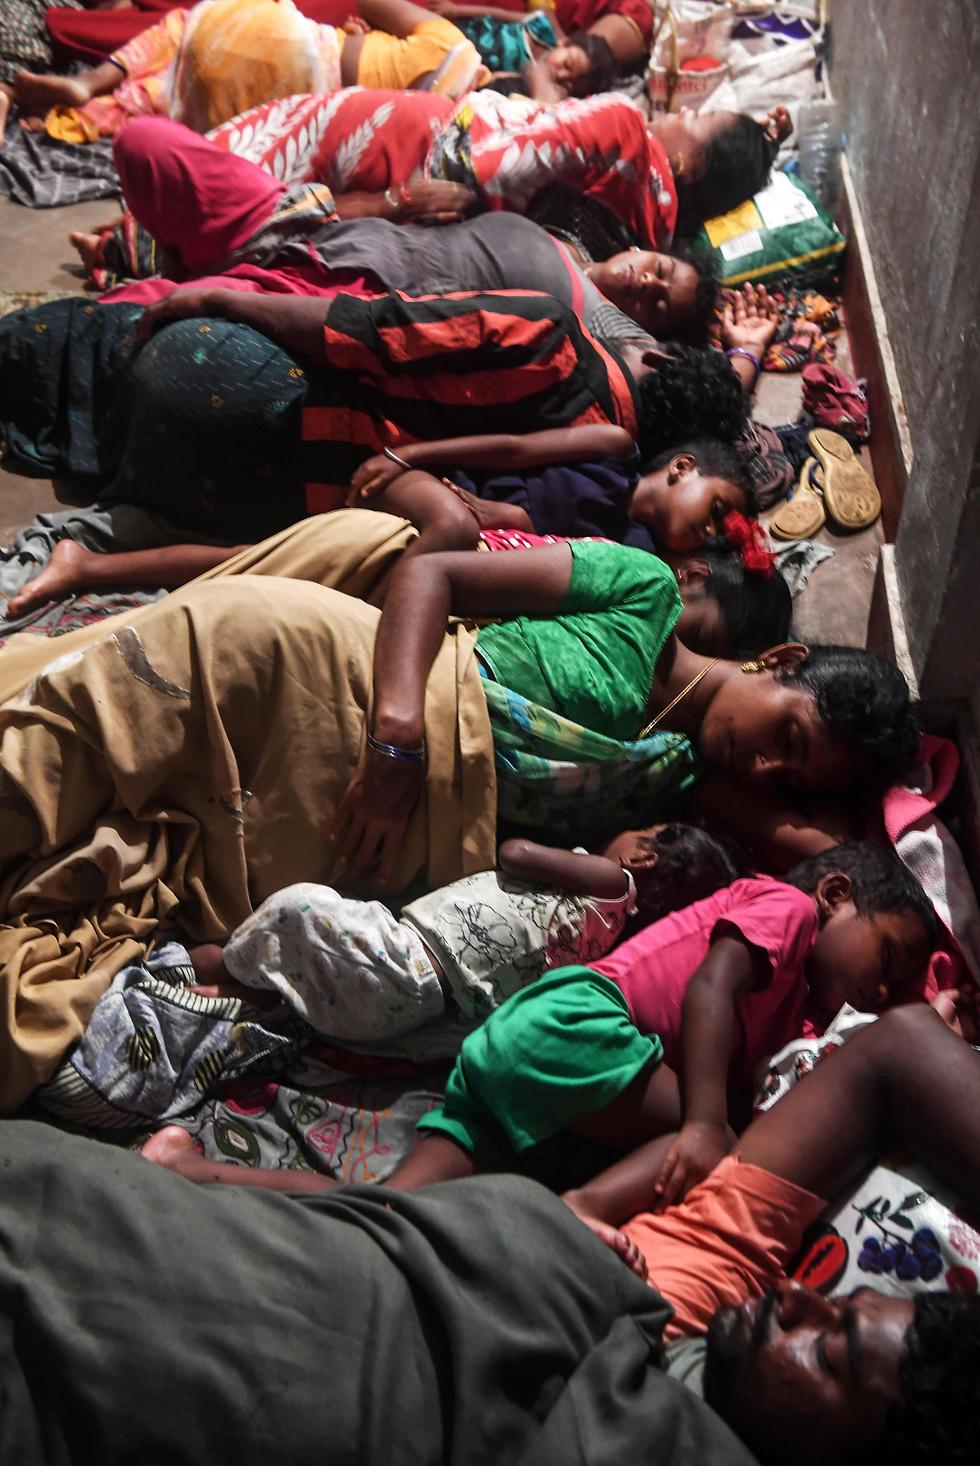 הודו סופה סופת ציקלון פאני מדינת אודישה מקלט (צילום: רויטרס)